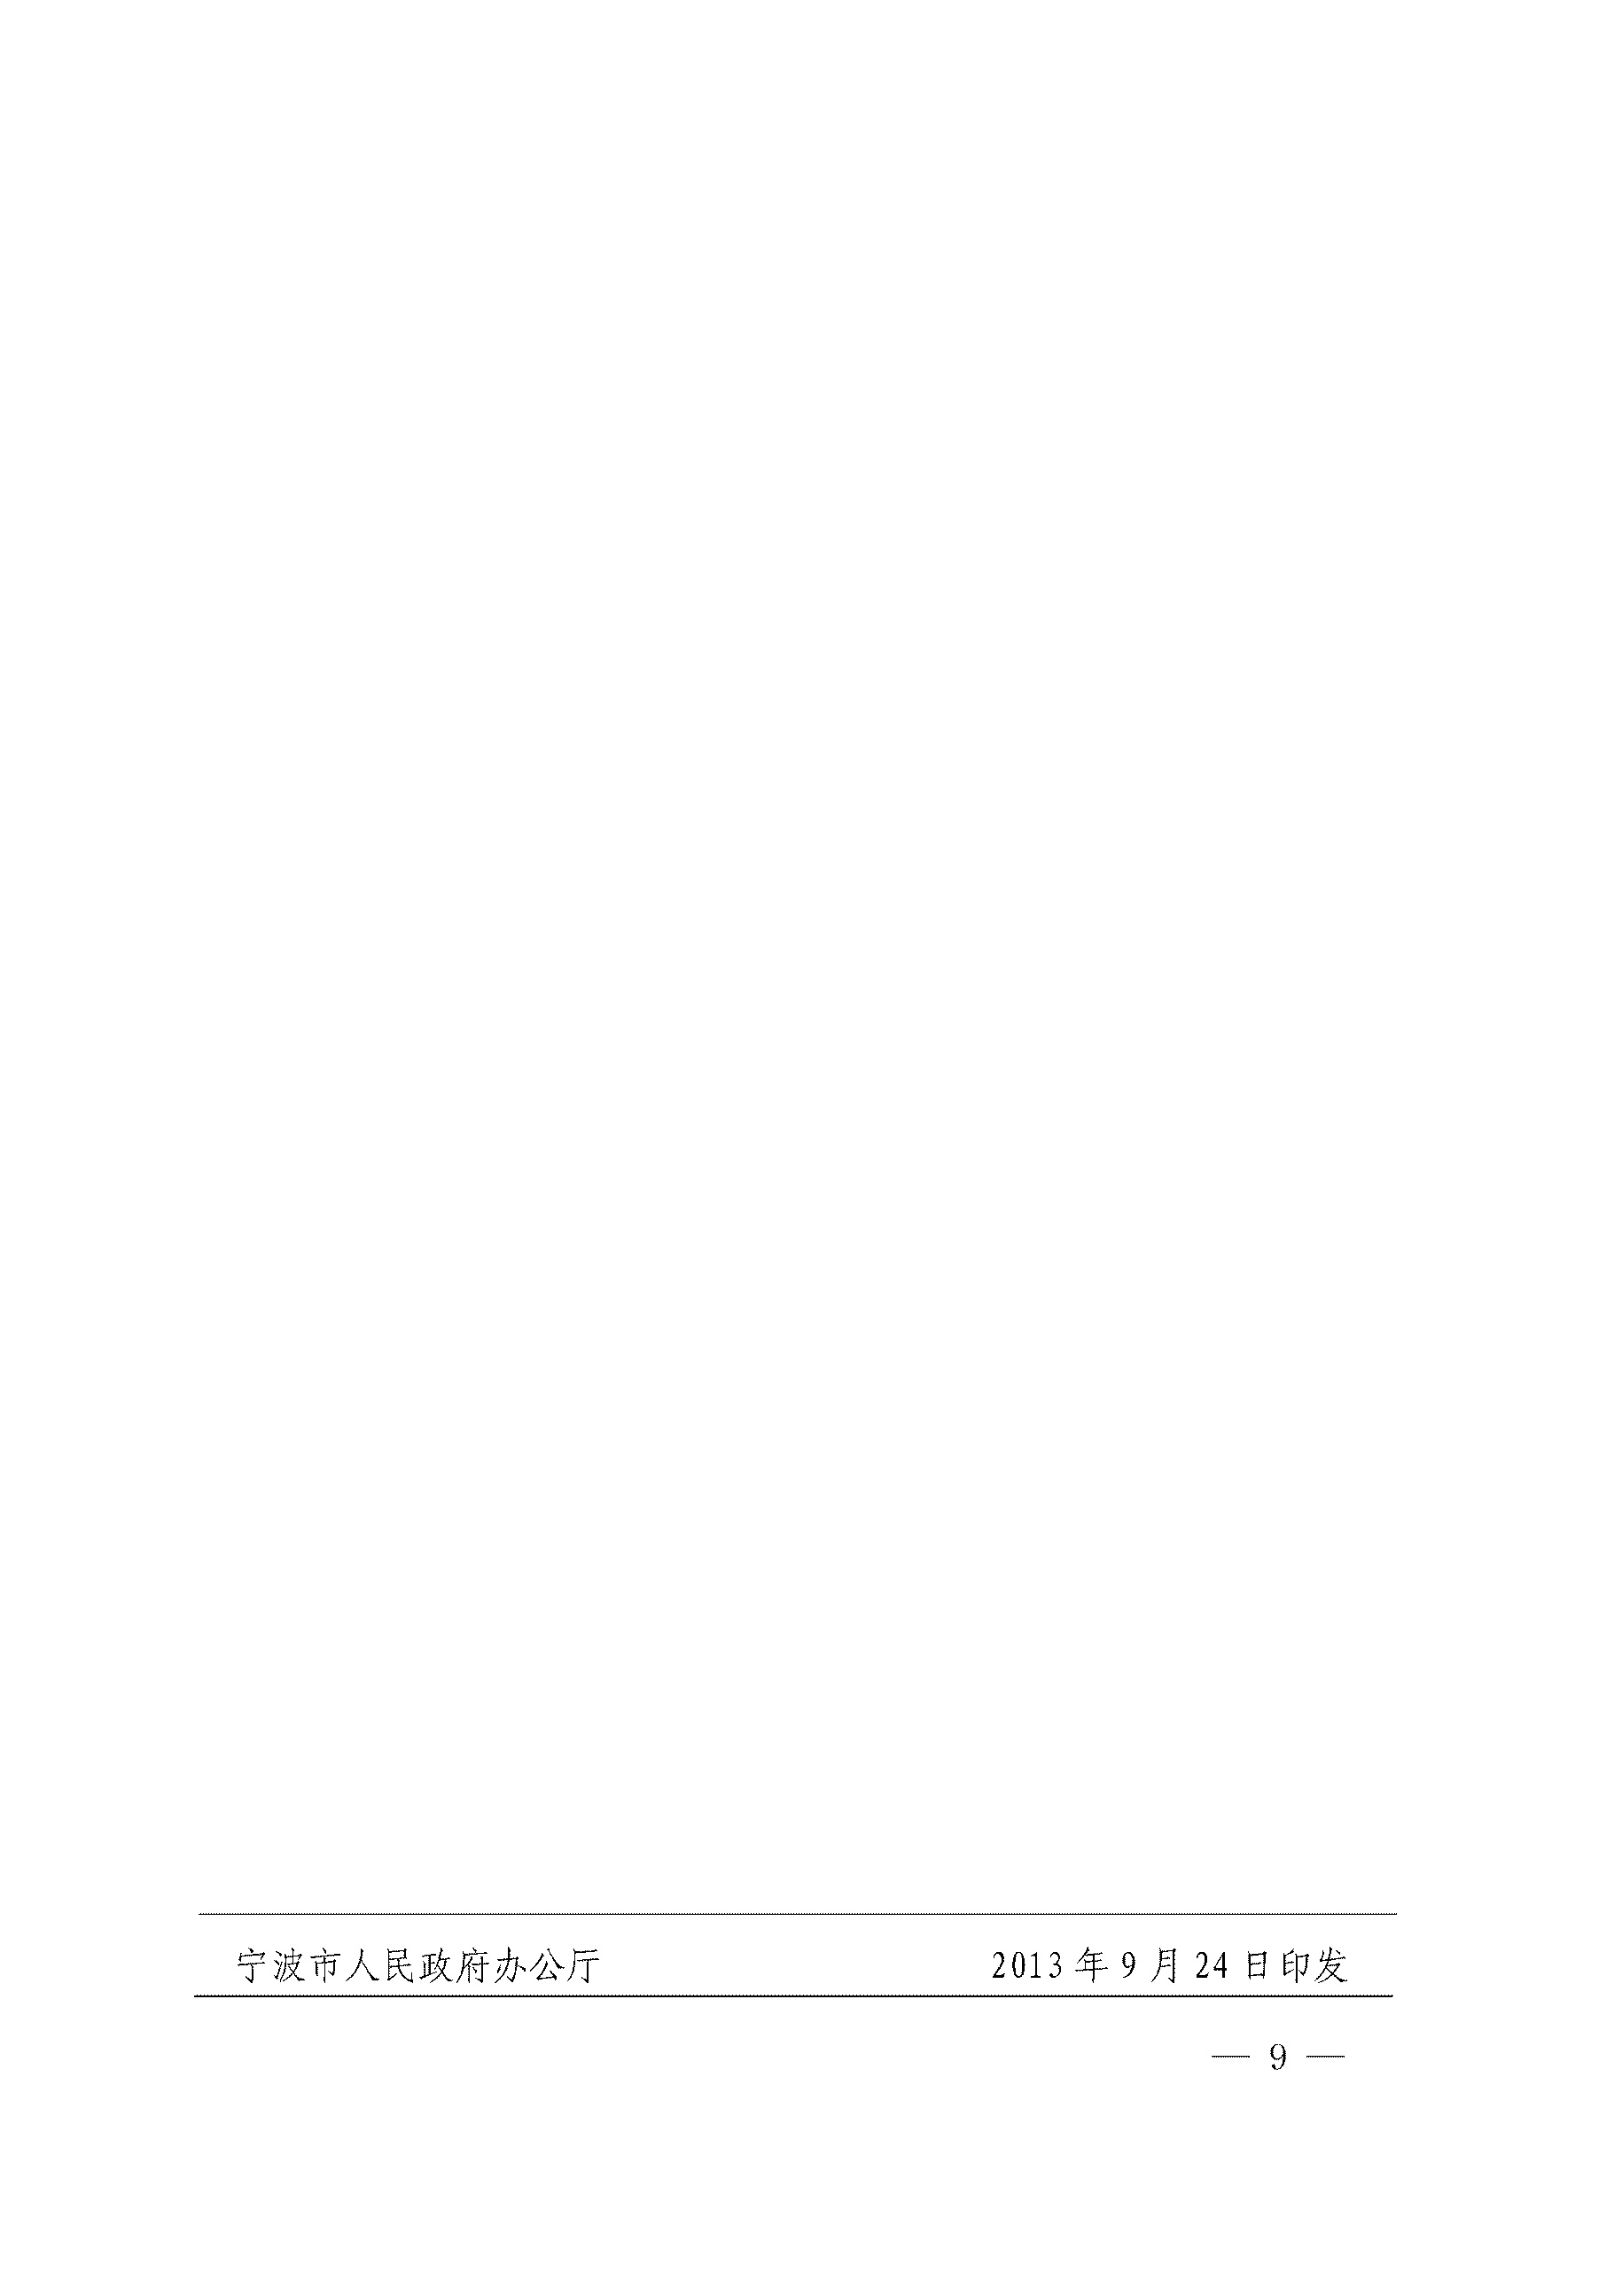 【新】宁波市人民政府办公厅关于印发宁波市本级政府主导型会展项目和经费使用管理办法的通知_p9.jpg